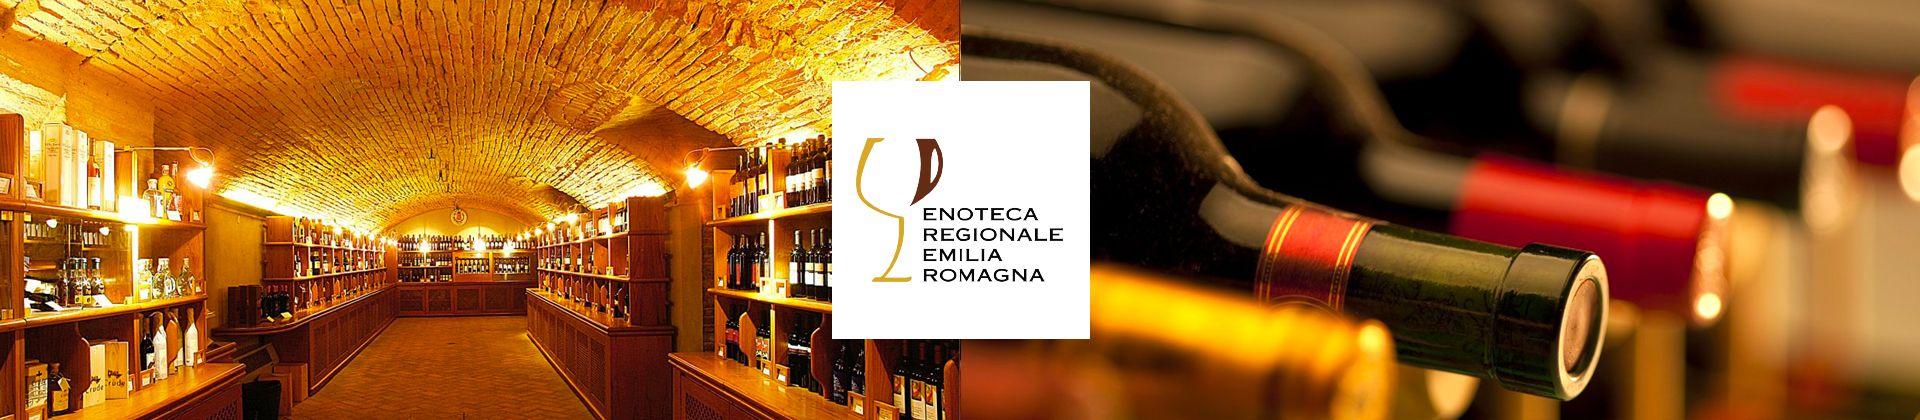 ENOTECA REGIONALE EMILIA-ROMAGNA